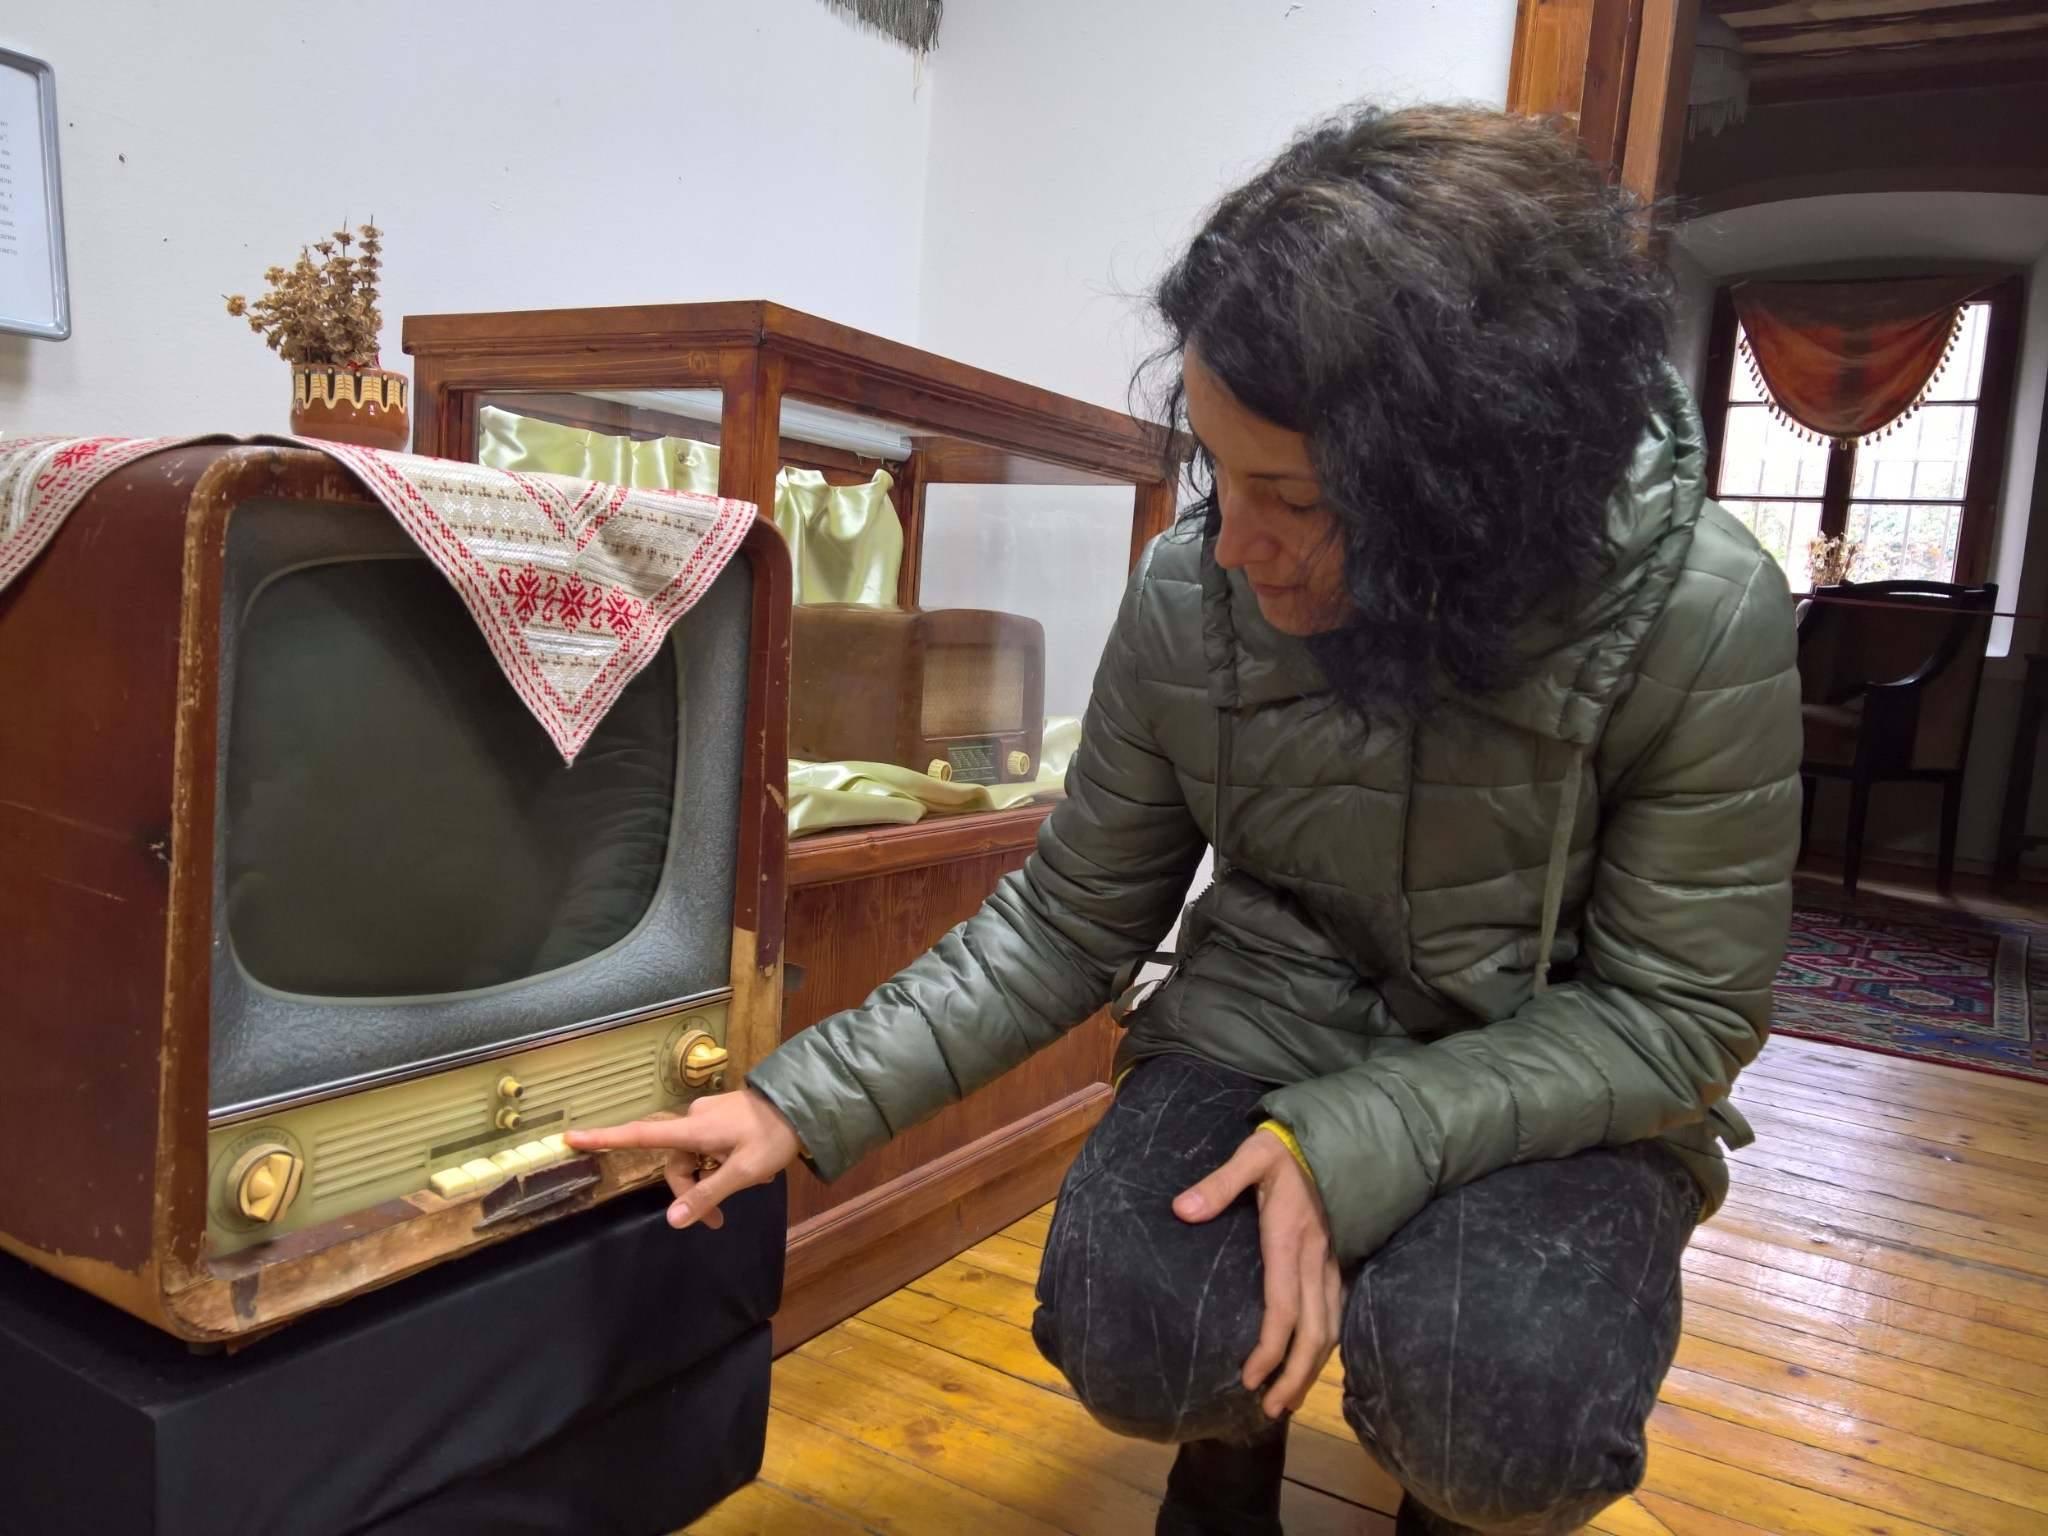 Етнографският музей представя местния бит чрез дарени вещи от стари бургаски родове